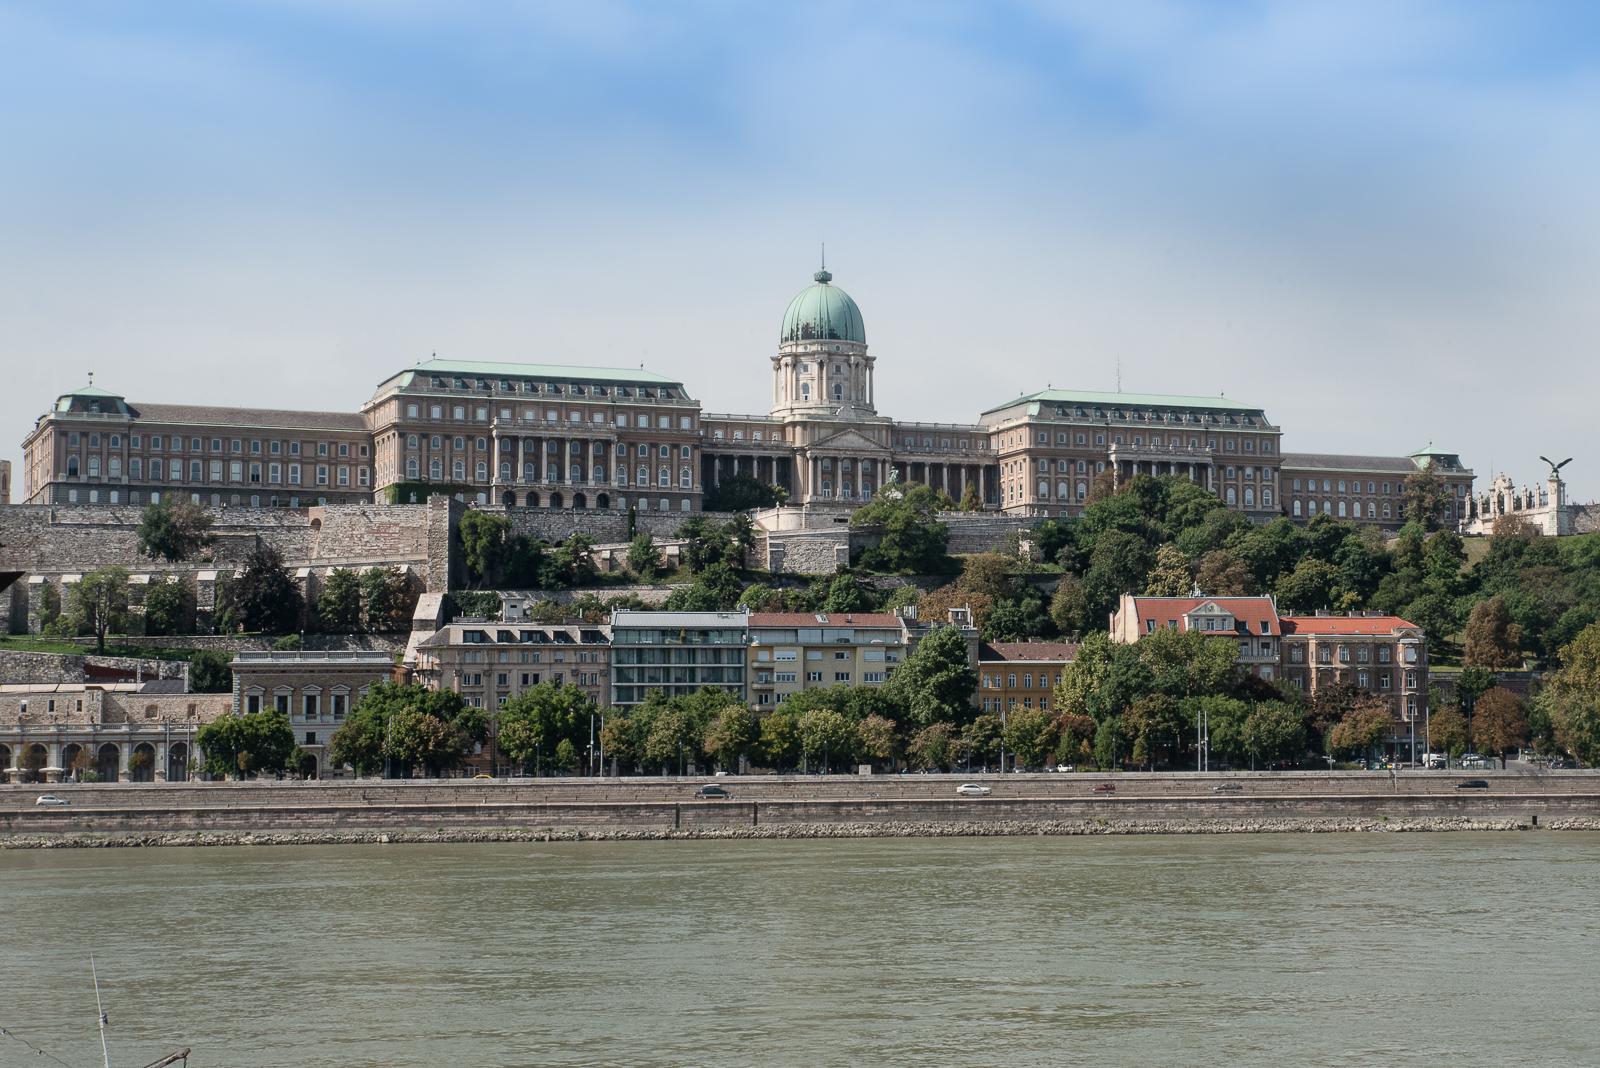 20200830_MW_DSC_5233_Ungarn